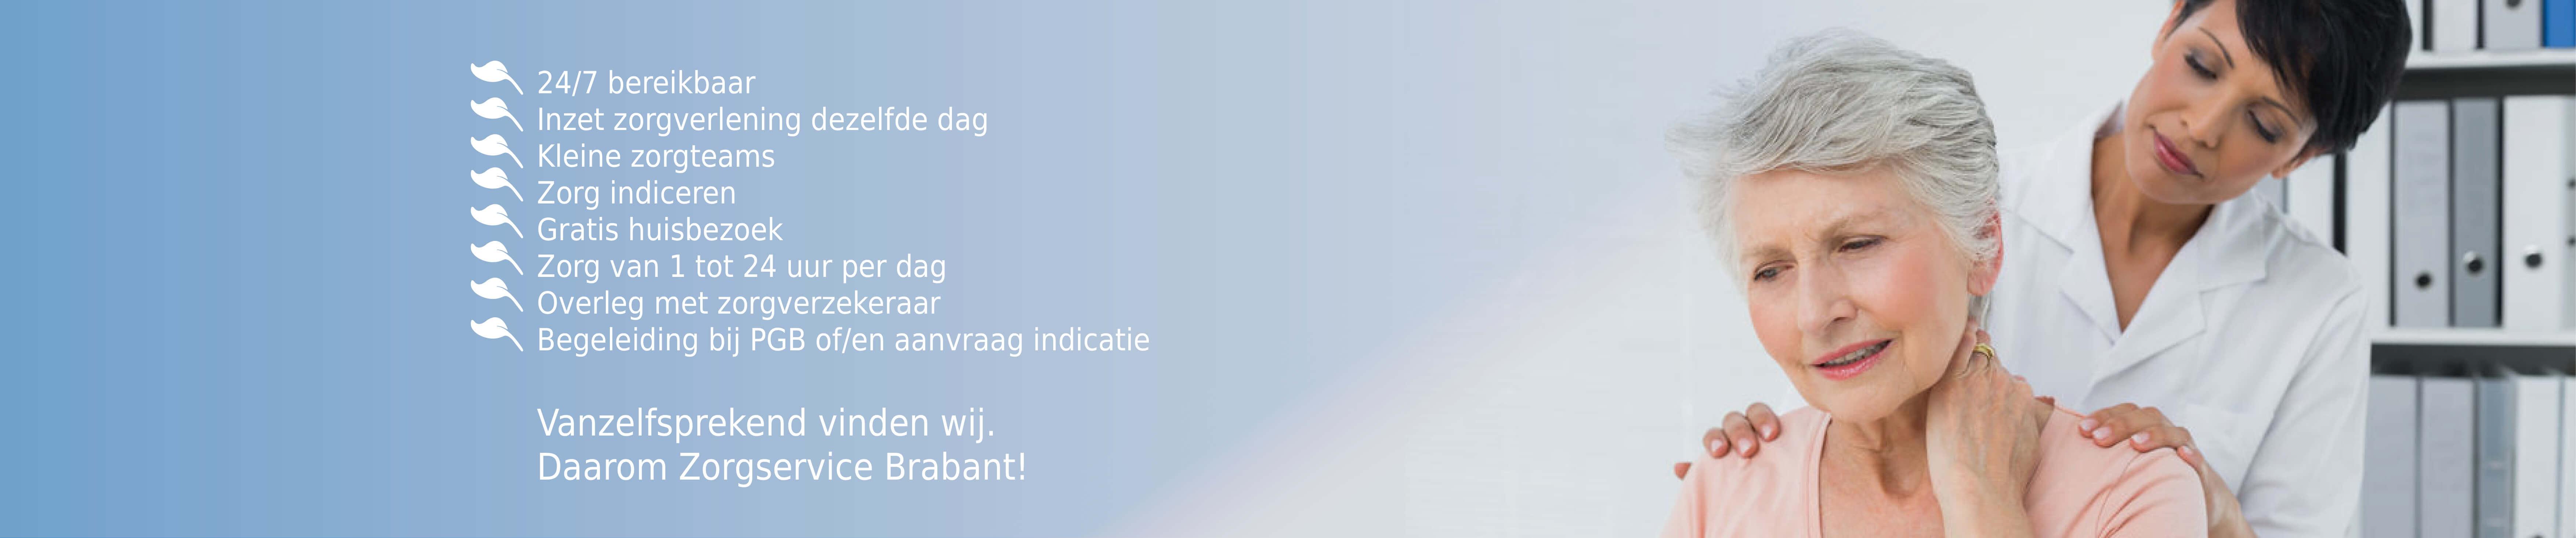 Zorgservice voordelen site2